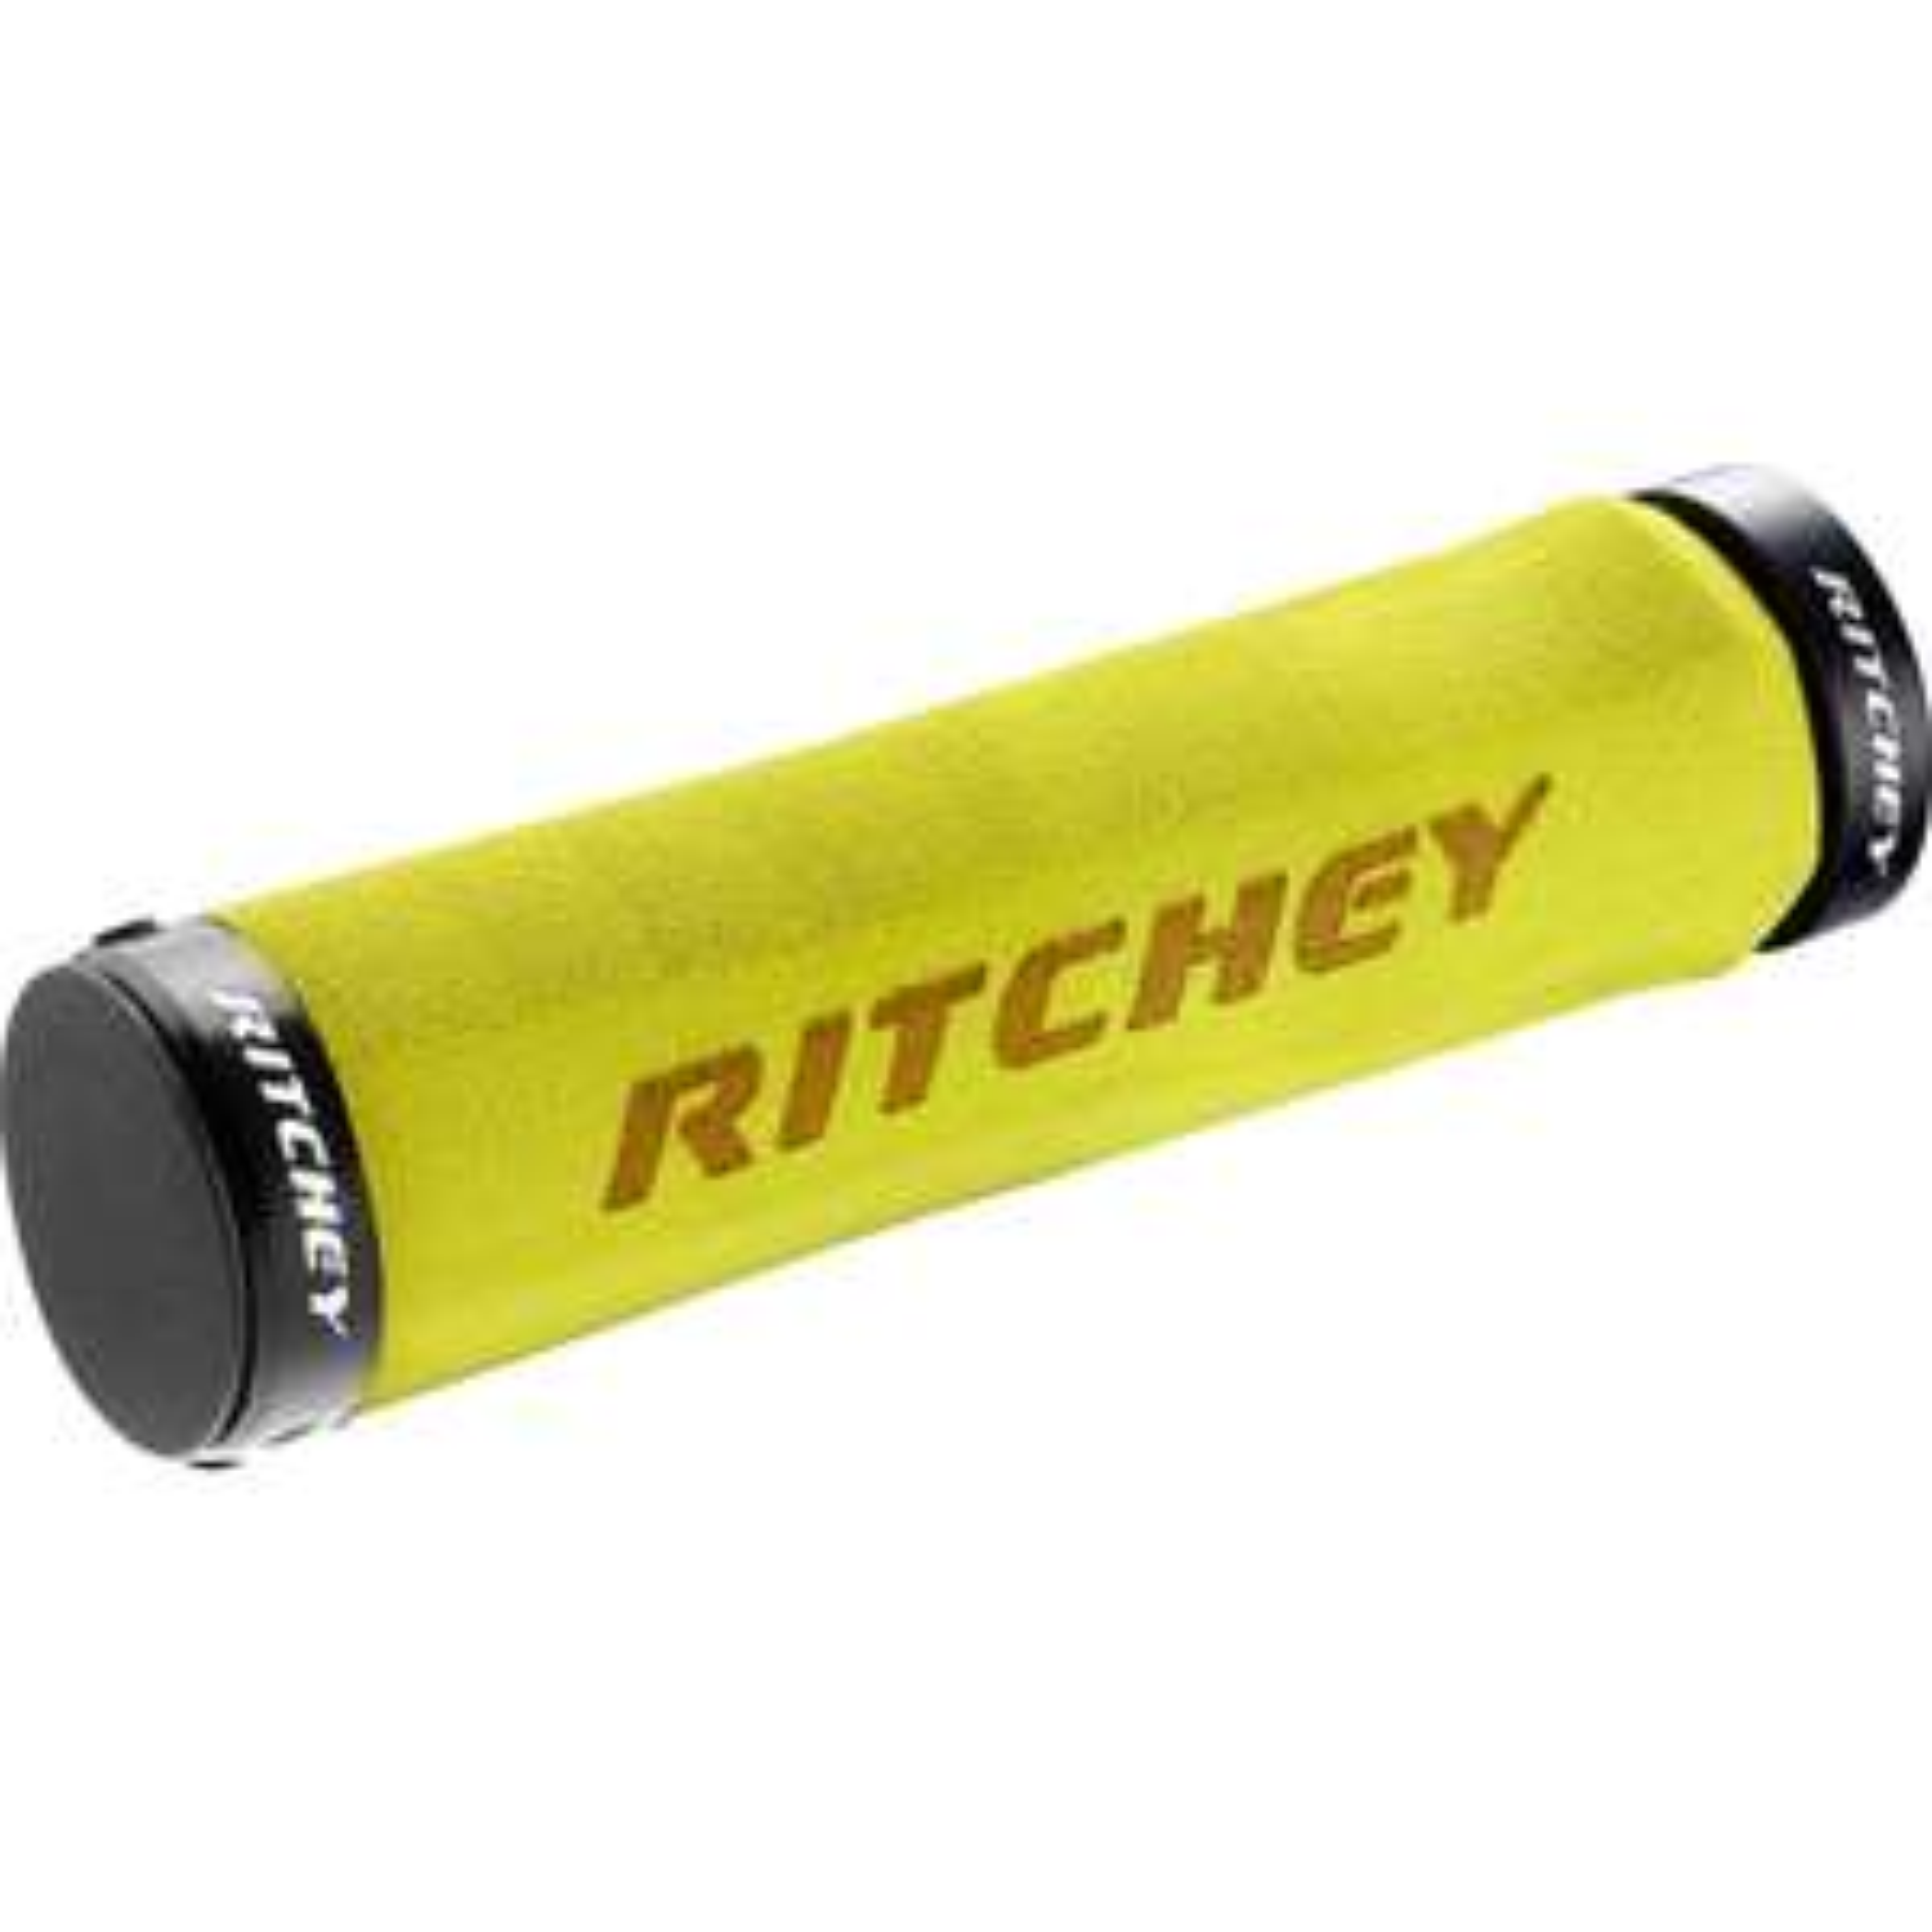 MTB Lenkergriffe Neoprenschaum Ritchey WCS Locking True Grip (133gr) - 4 Farben